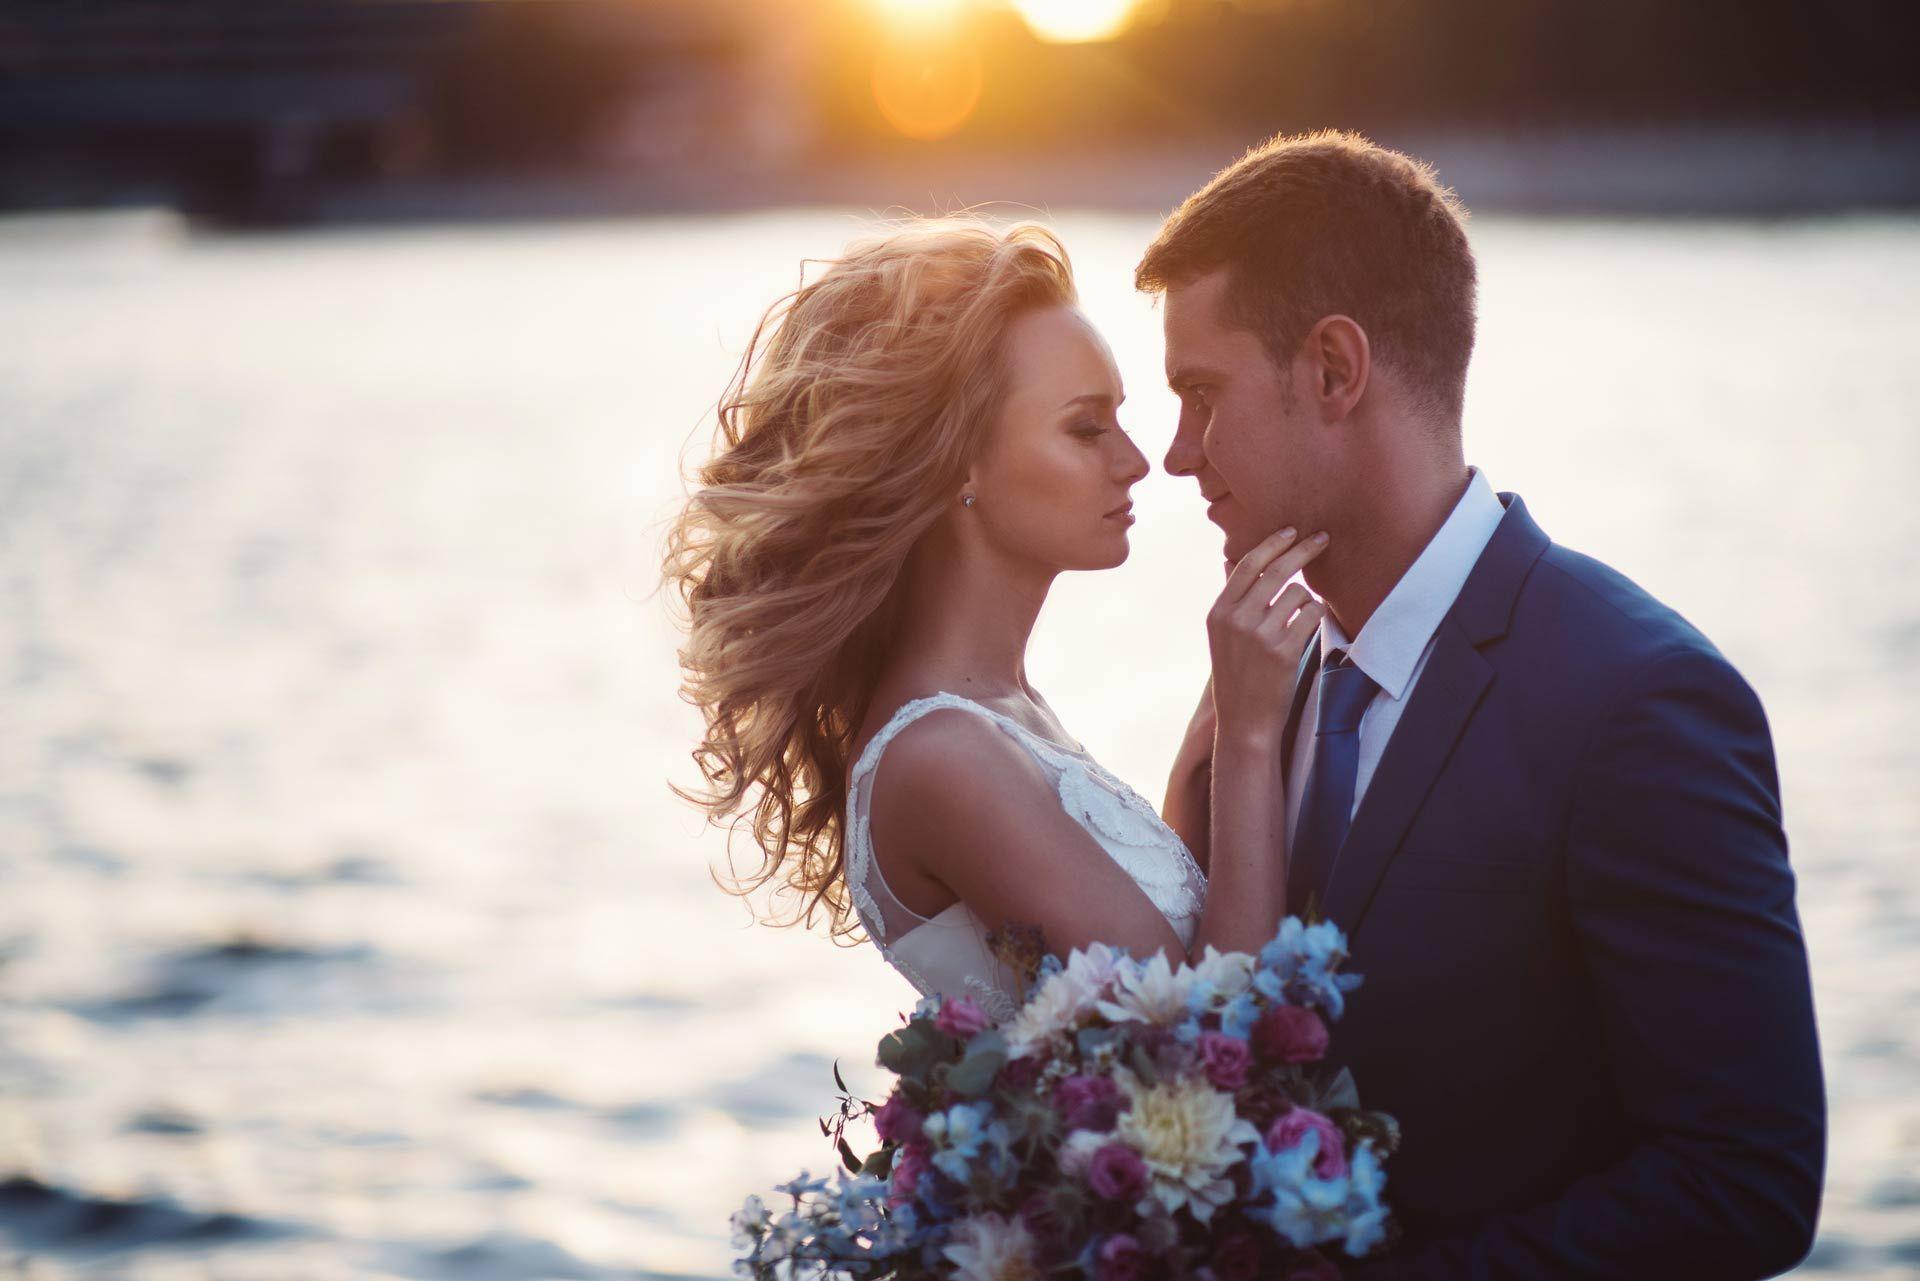 Фотограф Наталия Мужецкая: о свадебной съемке и тайминге, закат